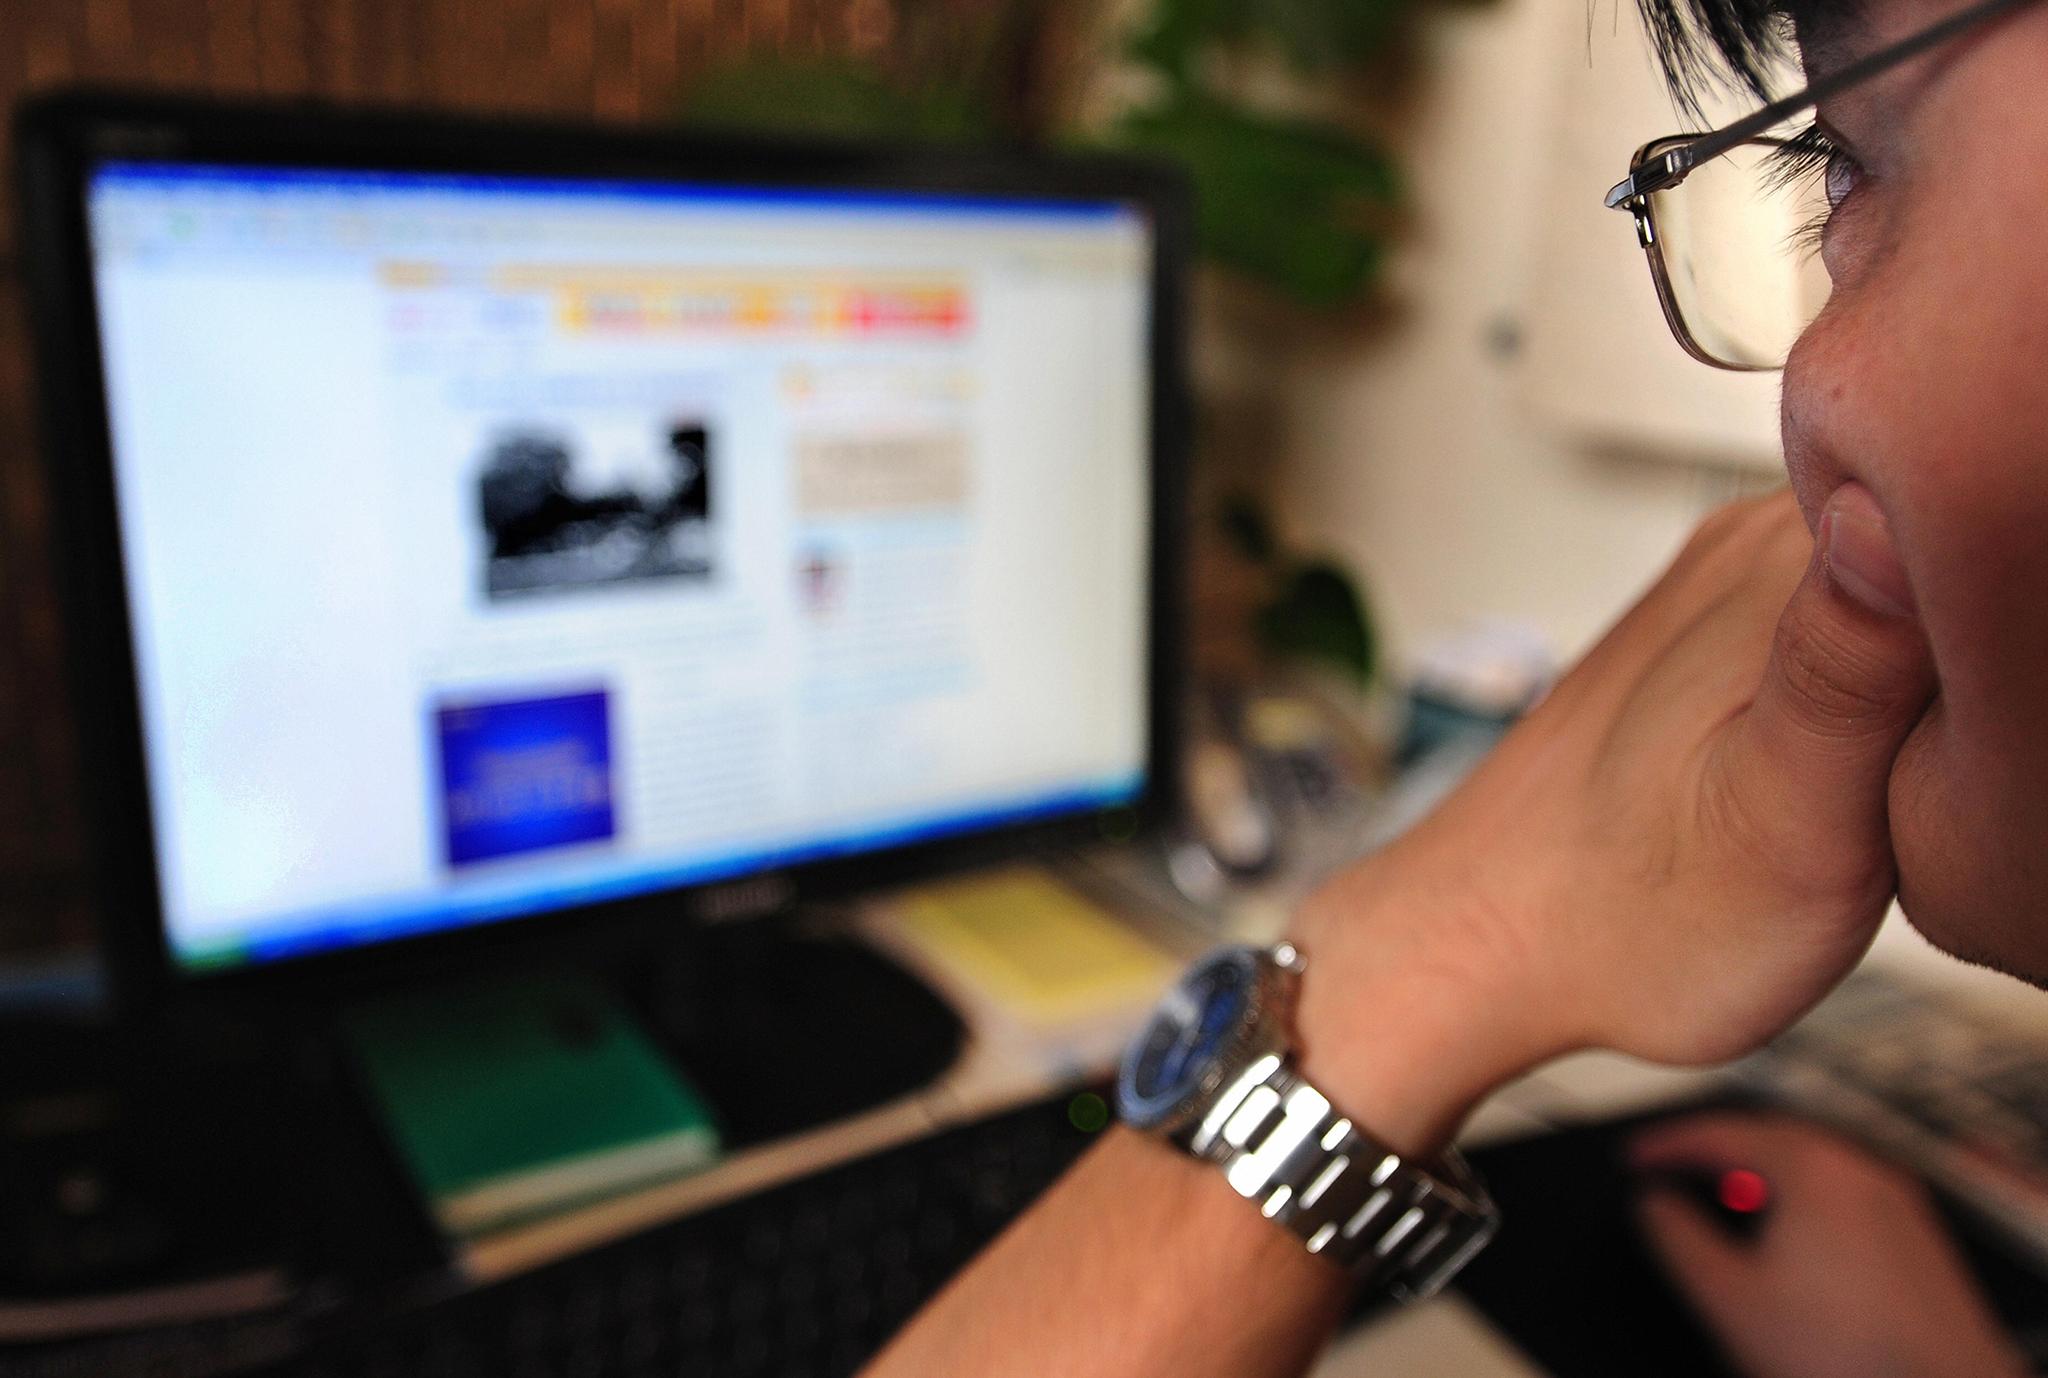 Cibersegurança | Governo promete seguir regras internacionais